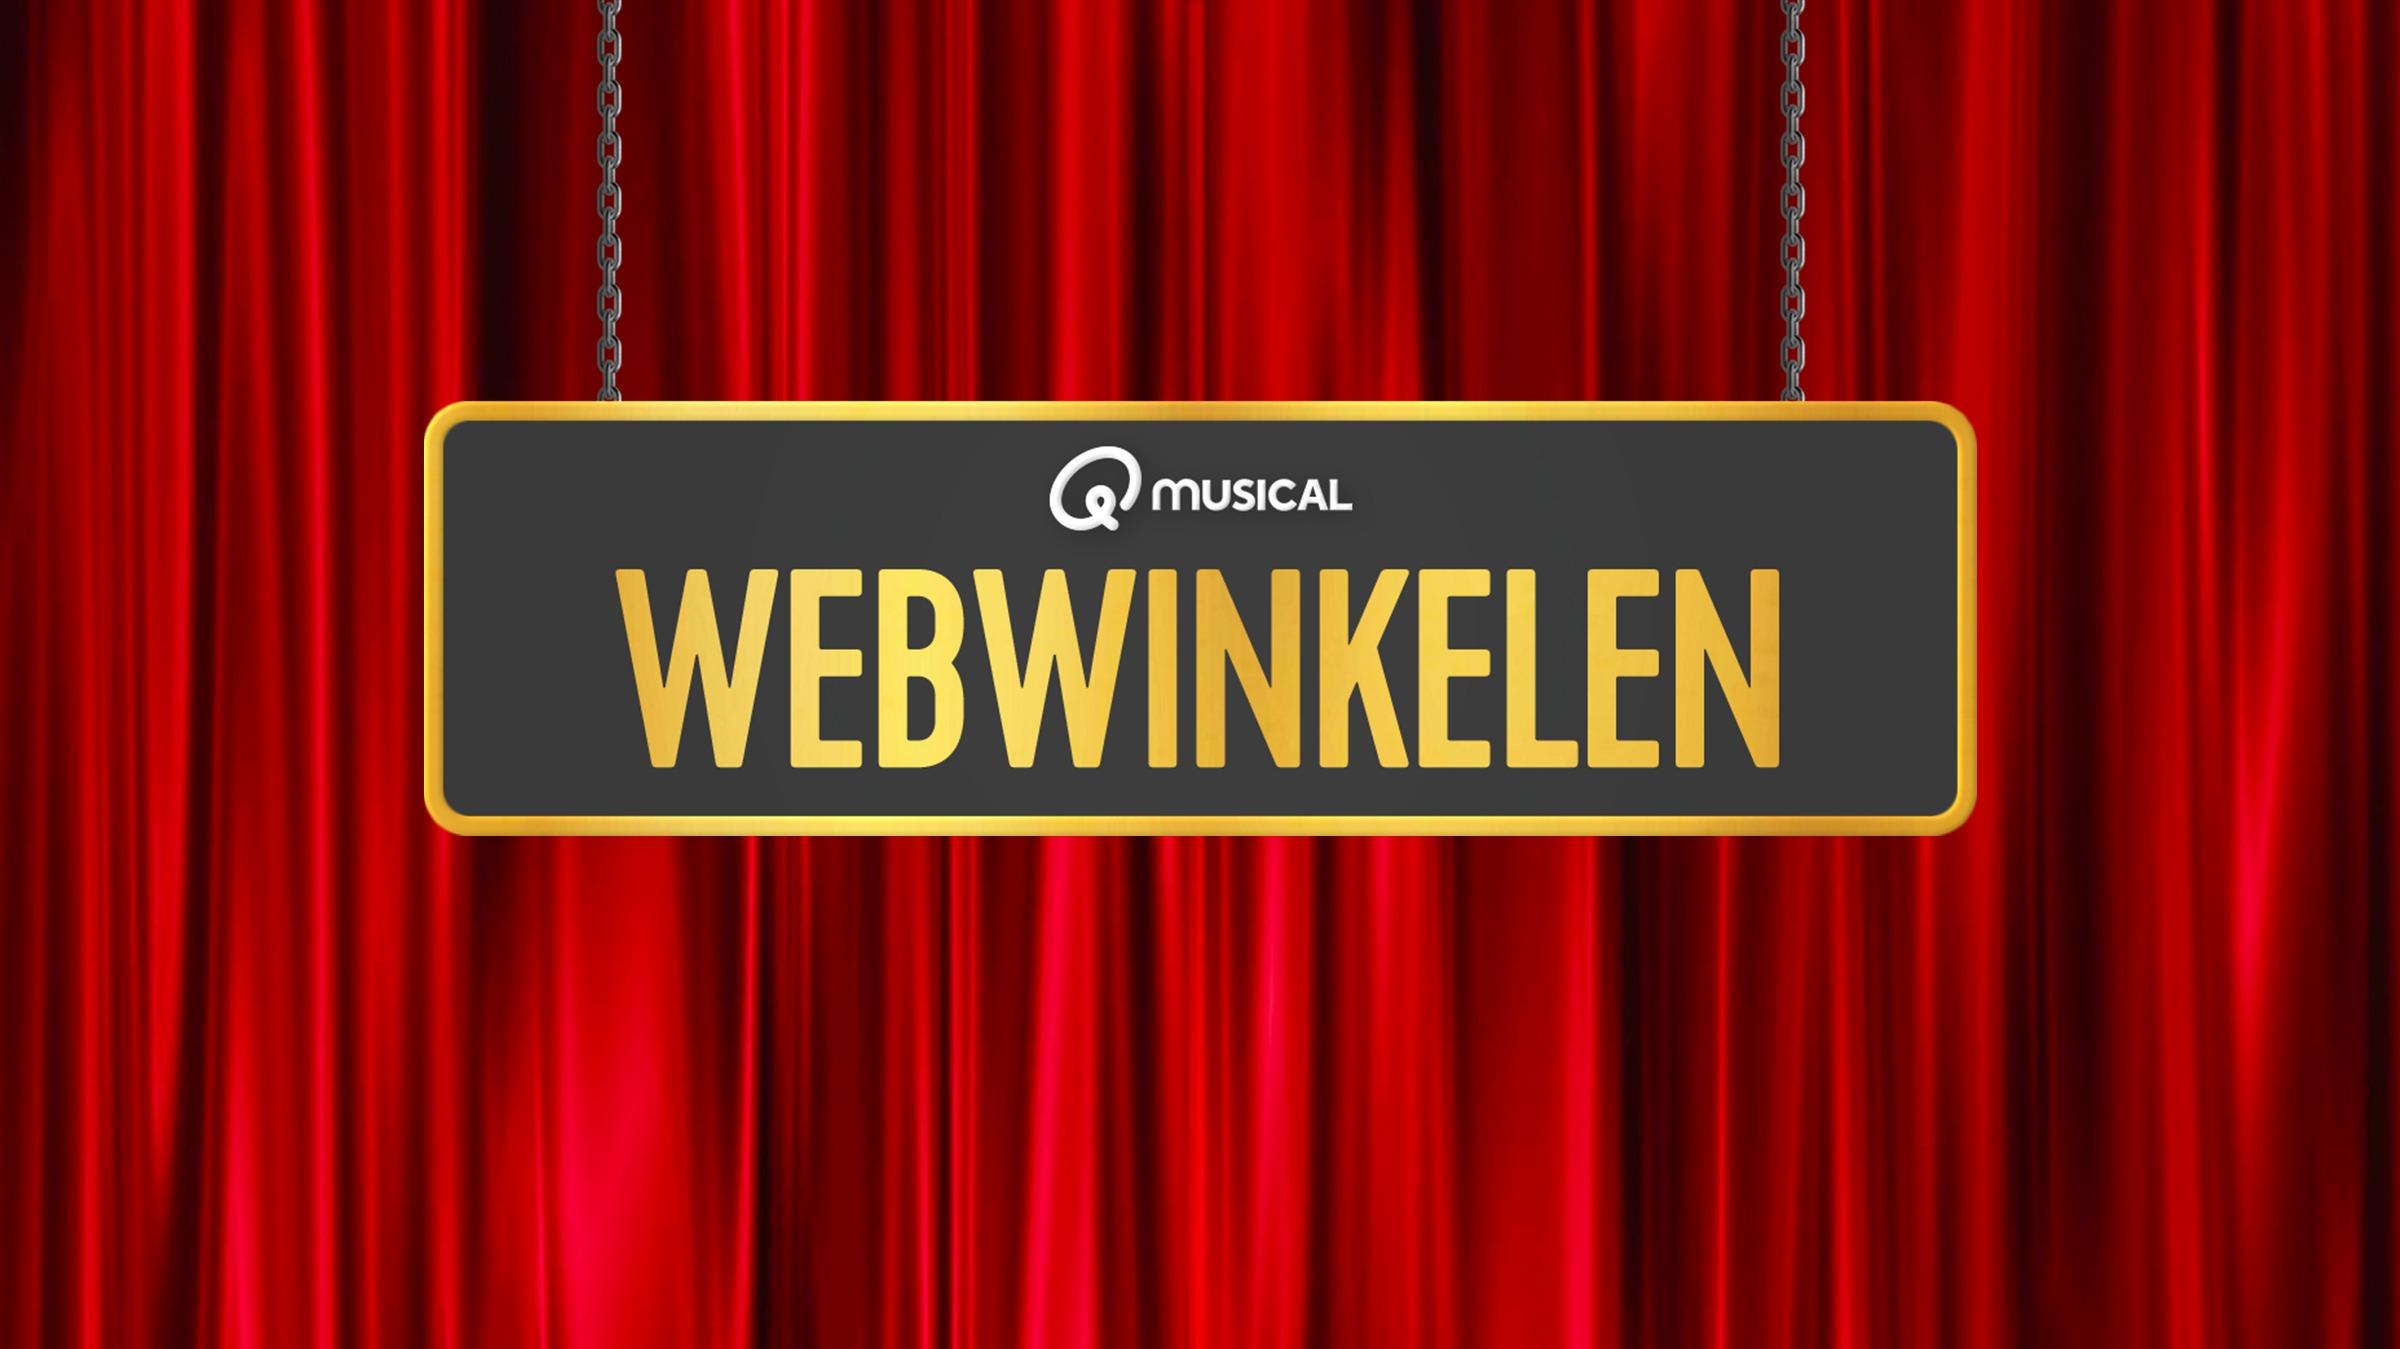 Webwinkelen